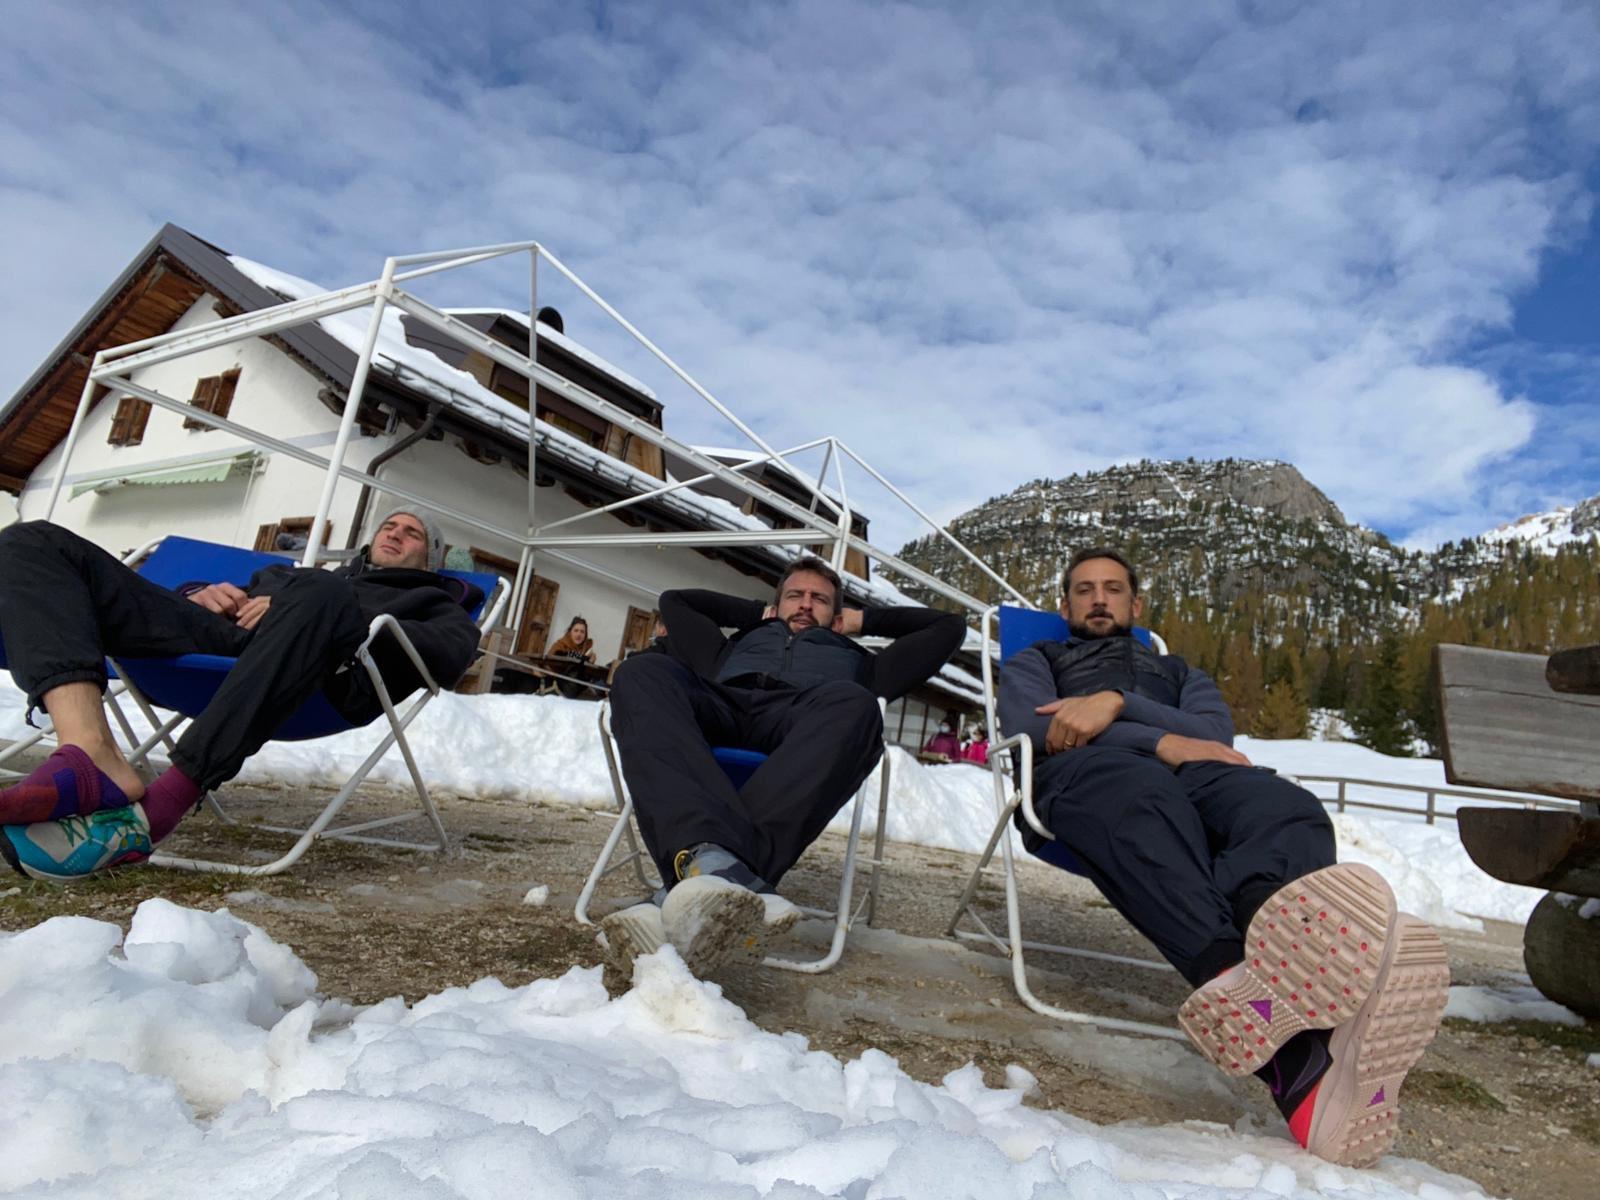 悠然自得!贝里内利更新推特晒与梅利在雪山下合影